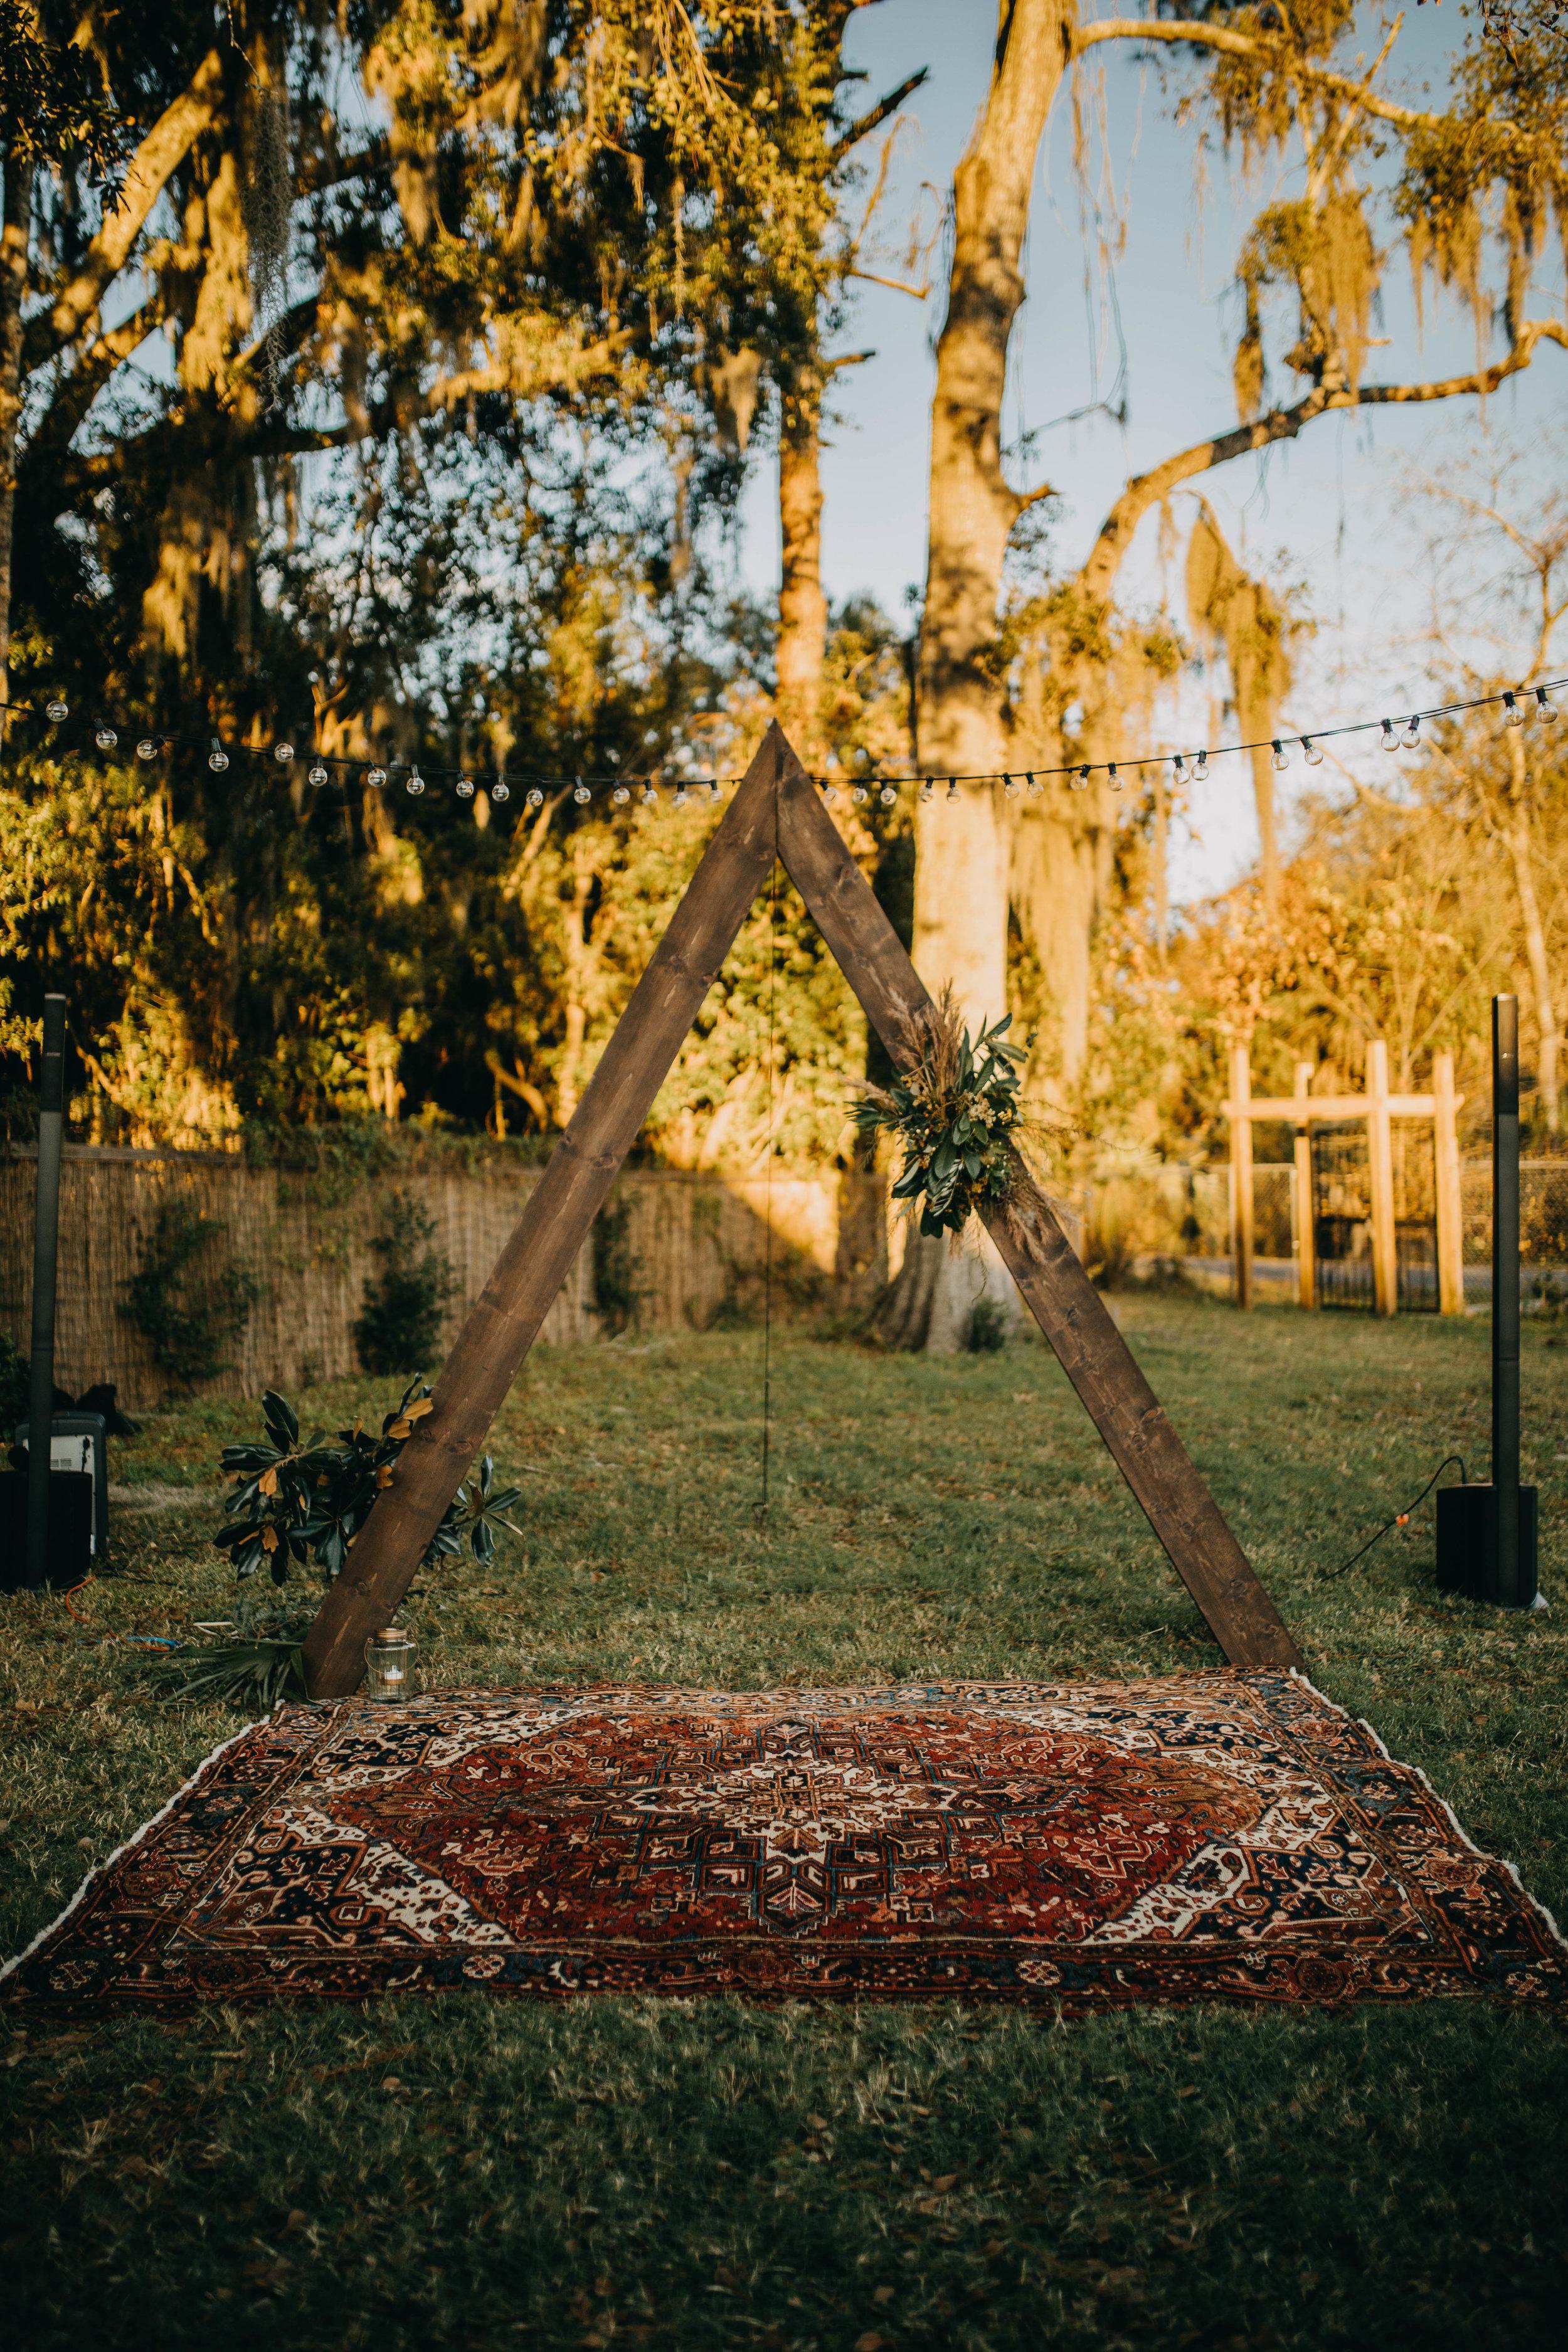 Triangle Arch | American Traditional Tattoo Themed Eco Friendly Dark Florida Wedding